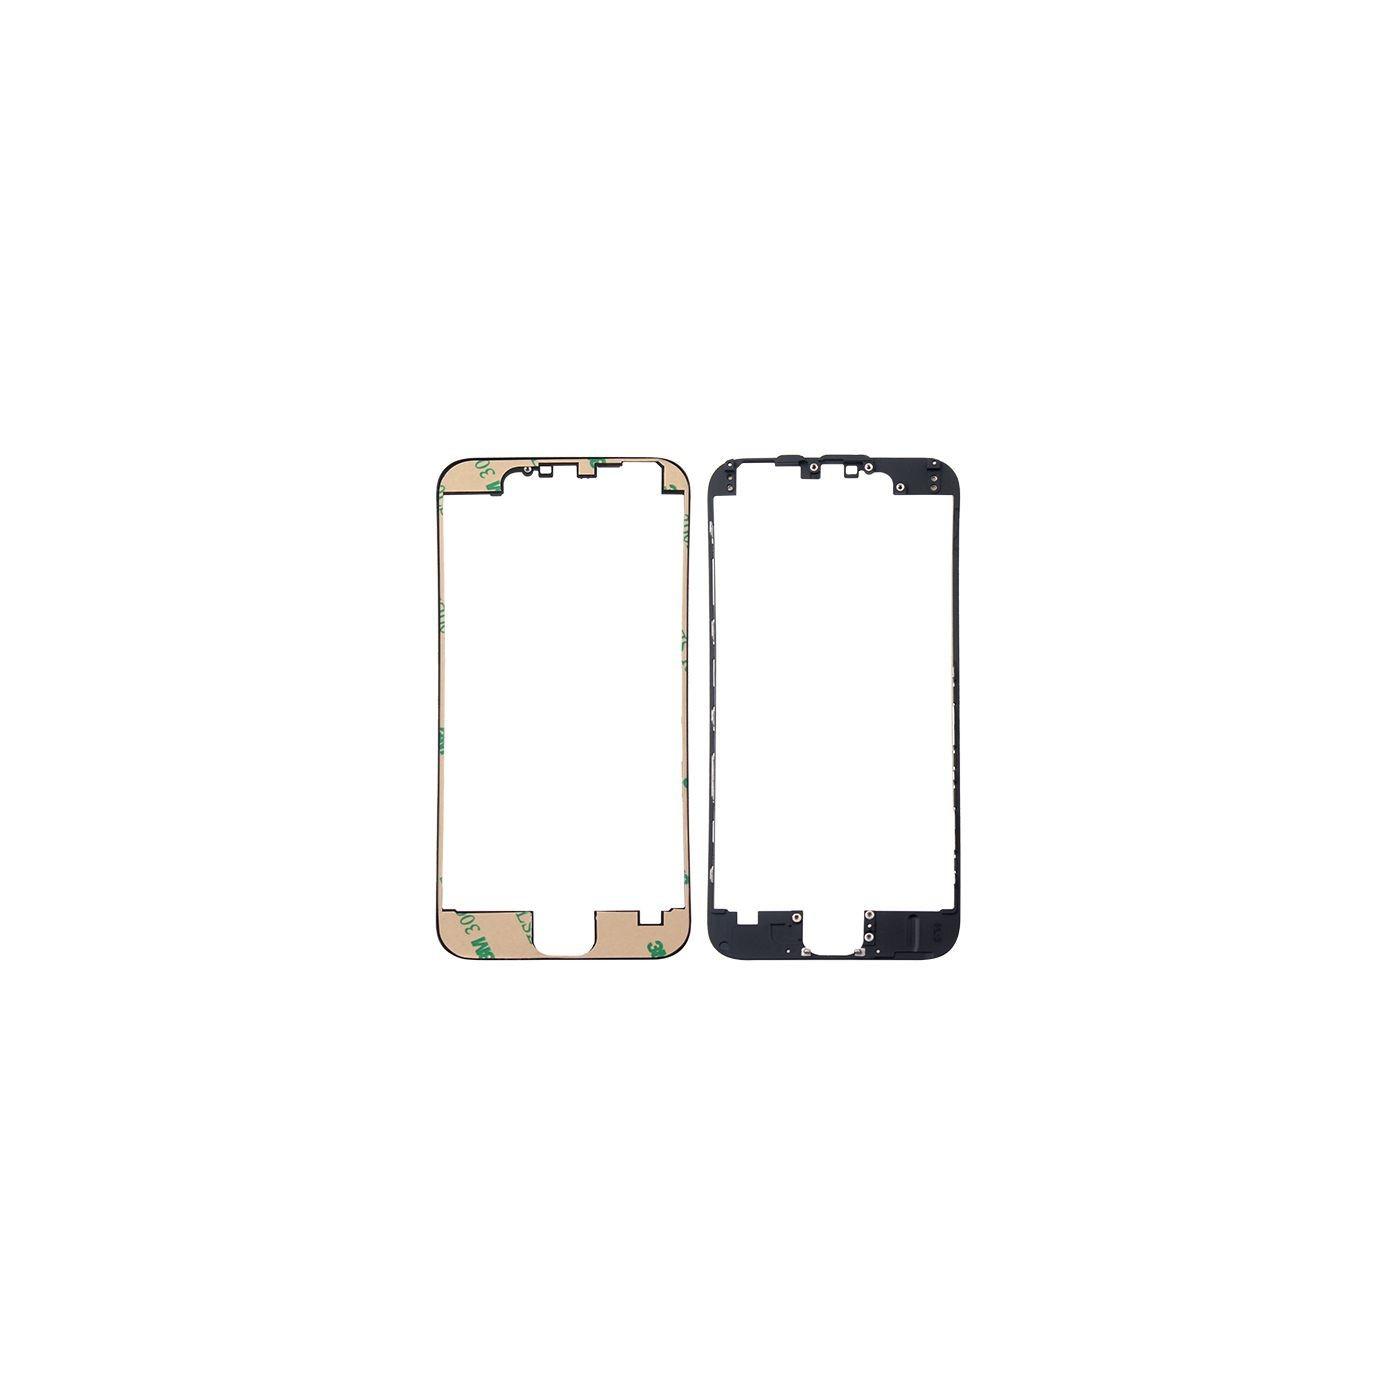 Frame Digitizer Rahmen für iPhone 6 schwarz mit Aufkleber